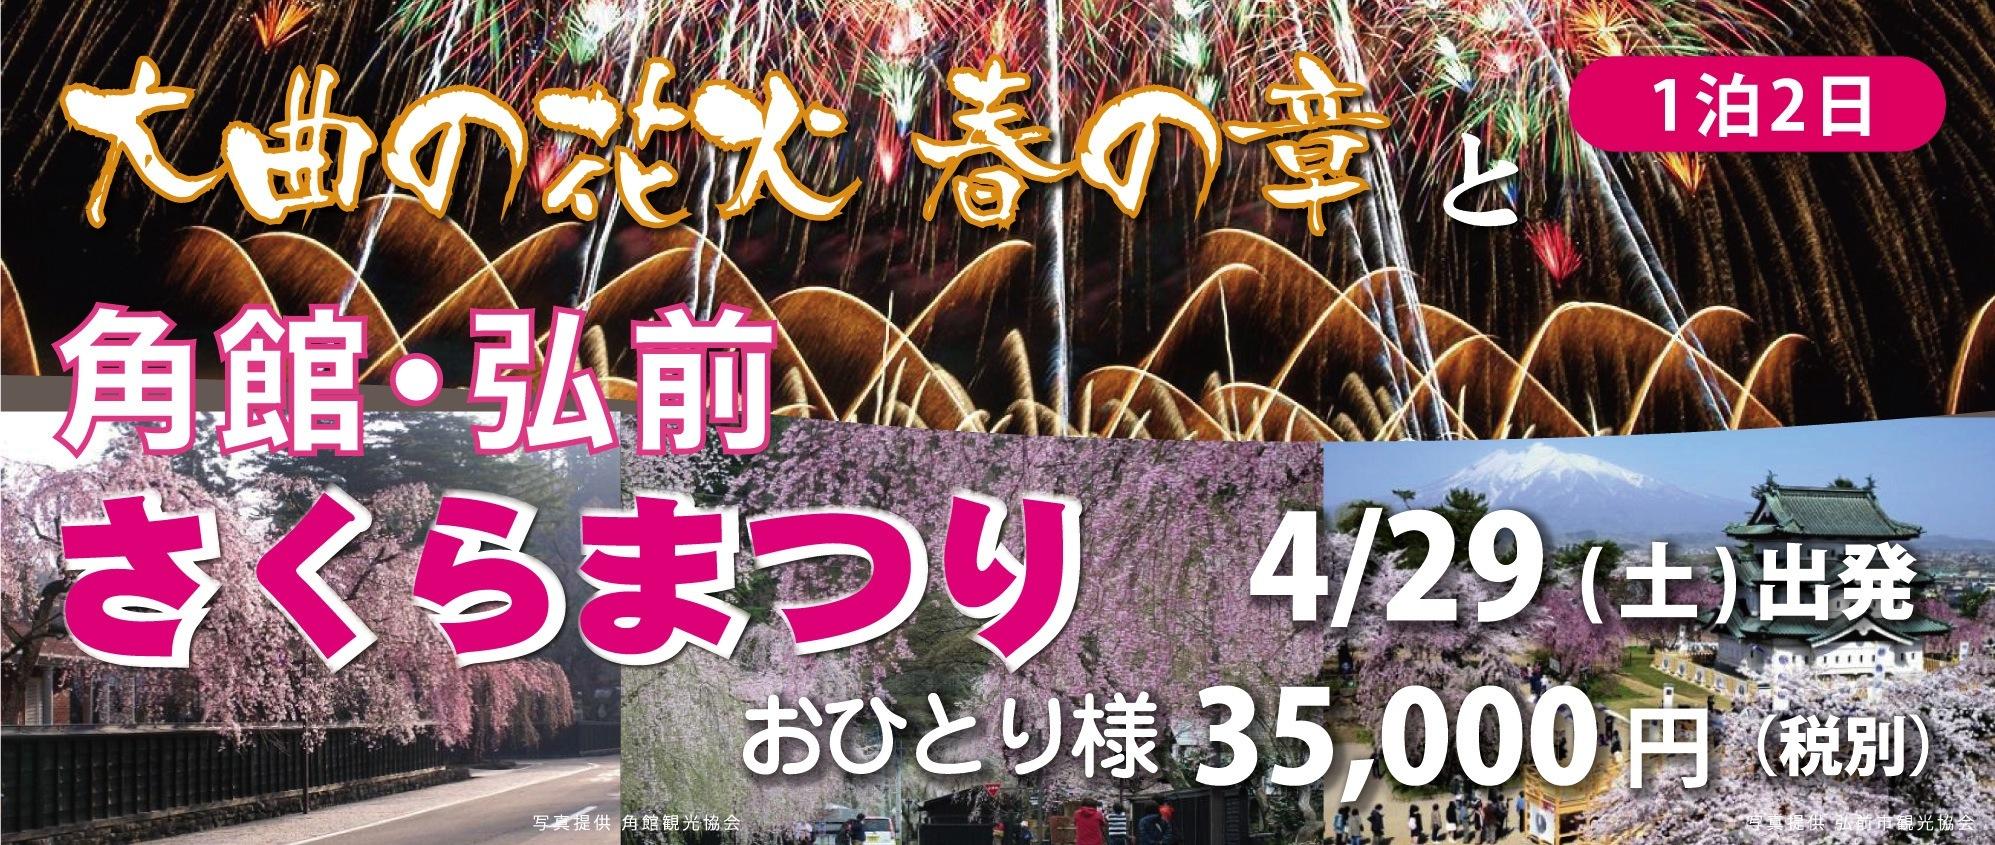 大曲の花火 春の章と角館・弘前さくらまつり 4月29日(土)出発 1泊2日